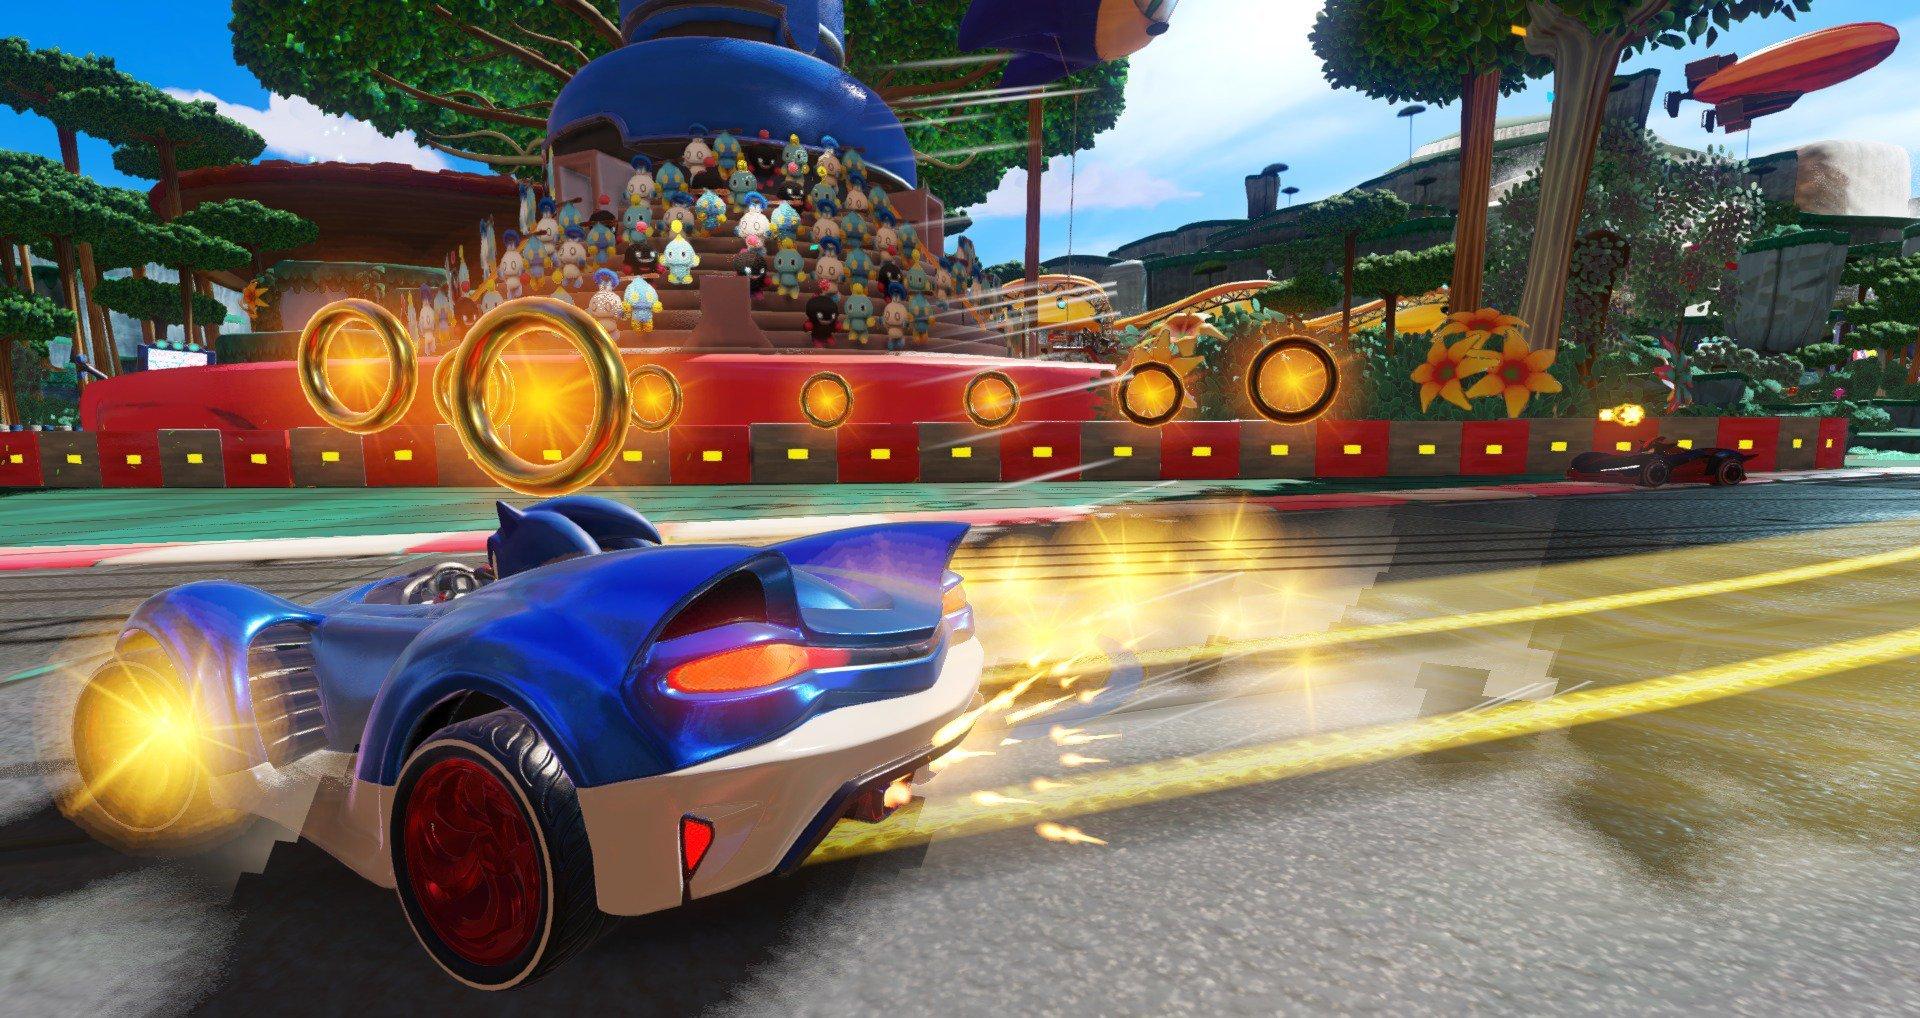 se-filtra1-el-anuncio-de-team-sonic-racing-frikigamers.com